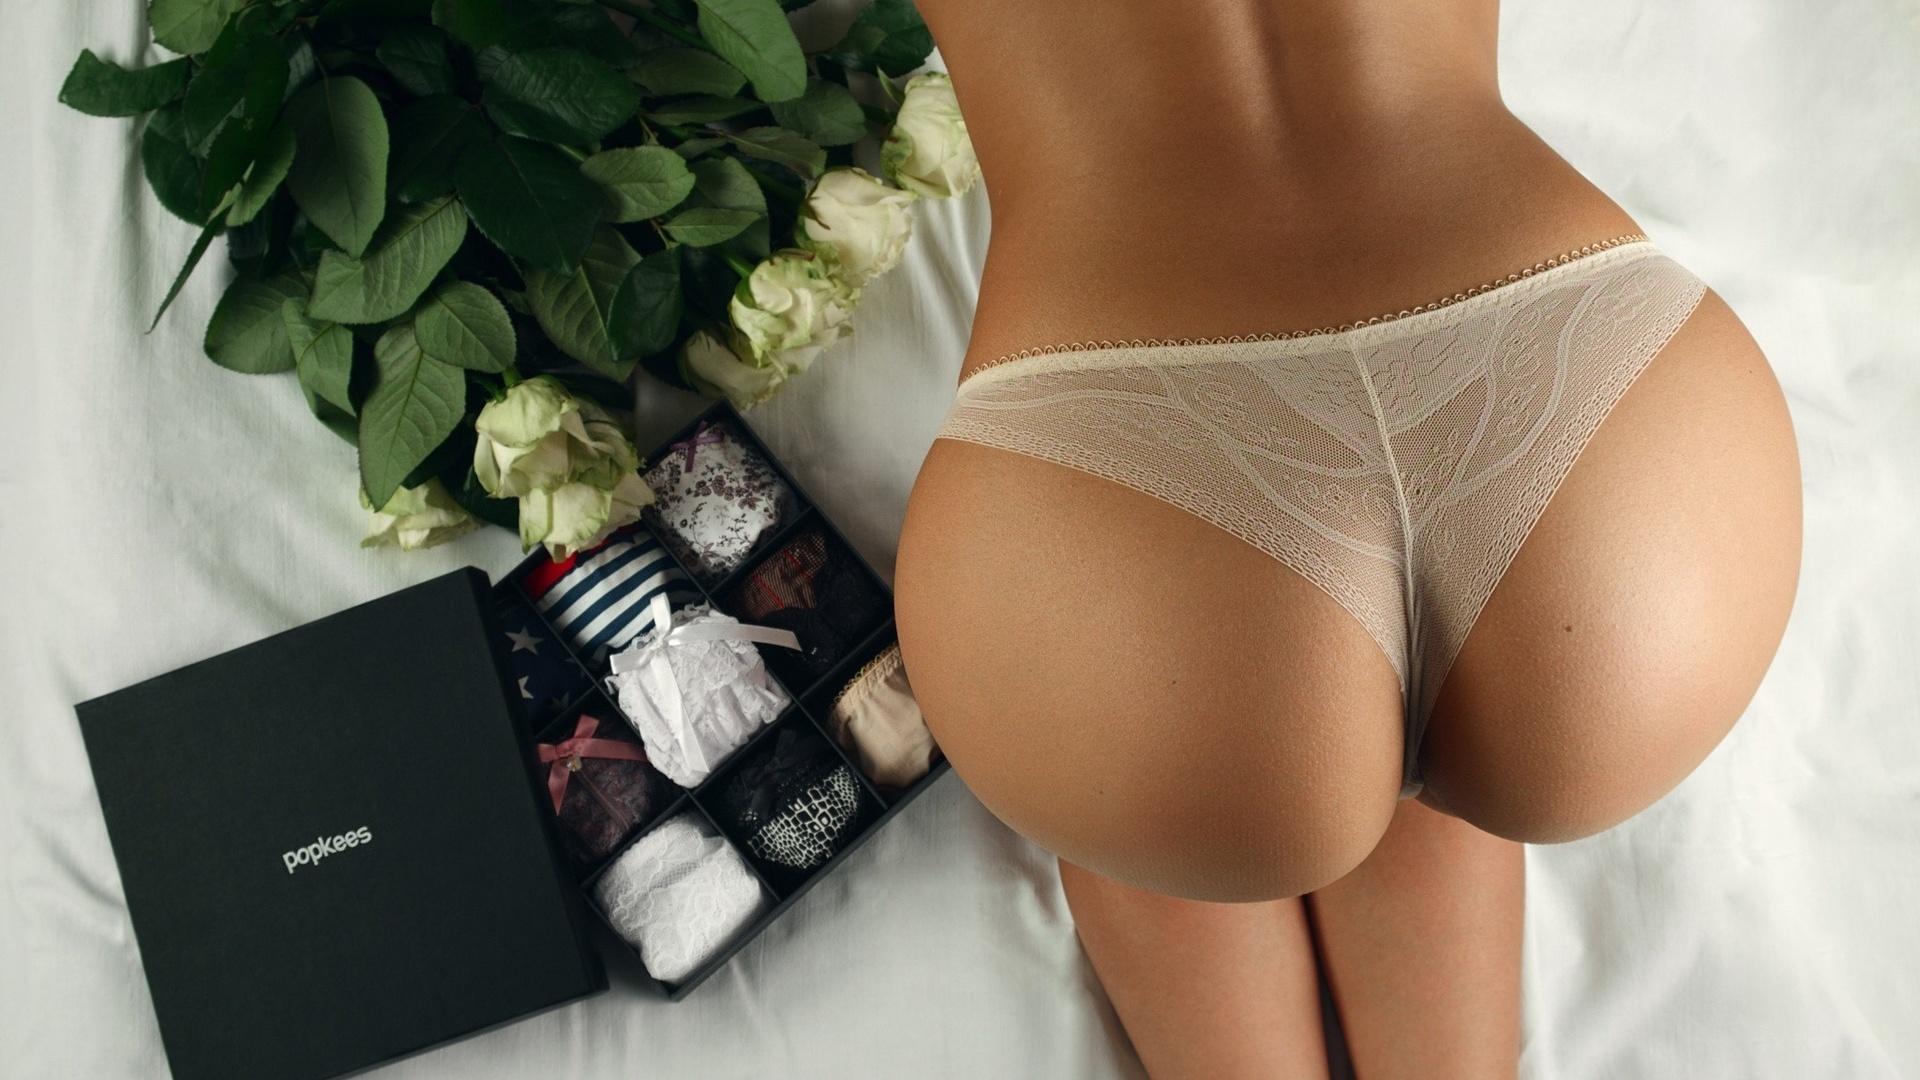 devushki-v-stringah-i-trusikah-foto-eroticheskie-rodi-bolshoy